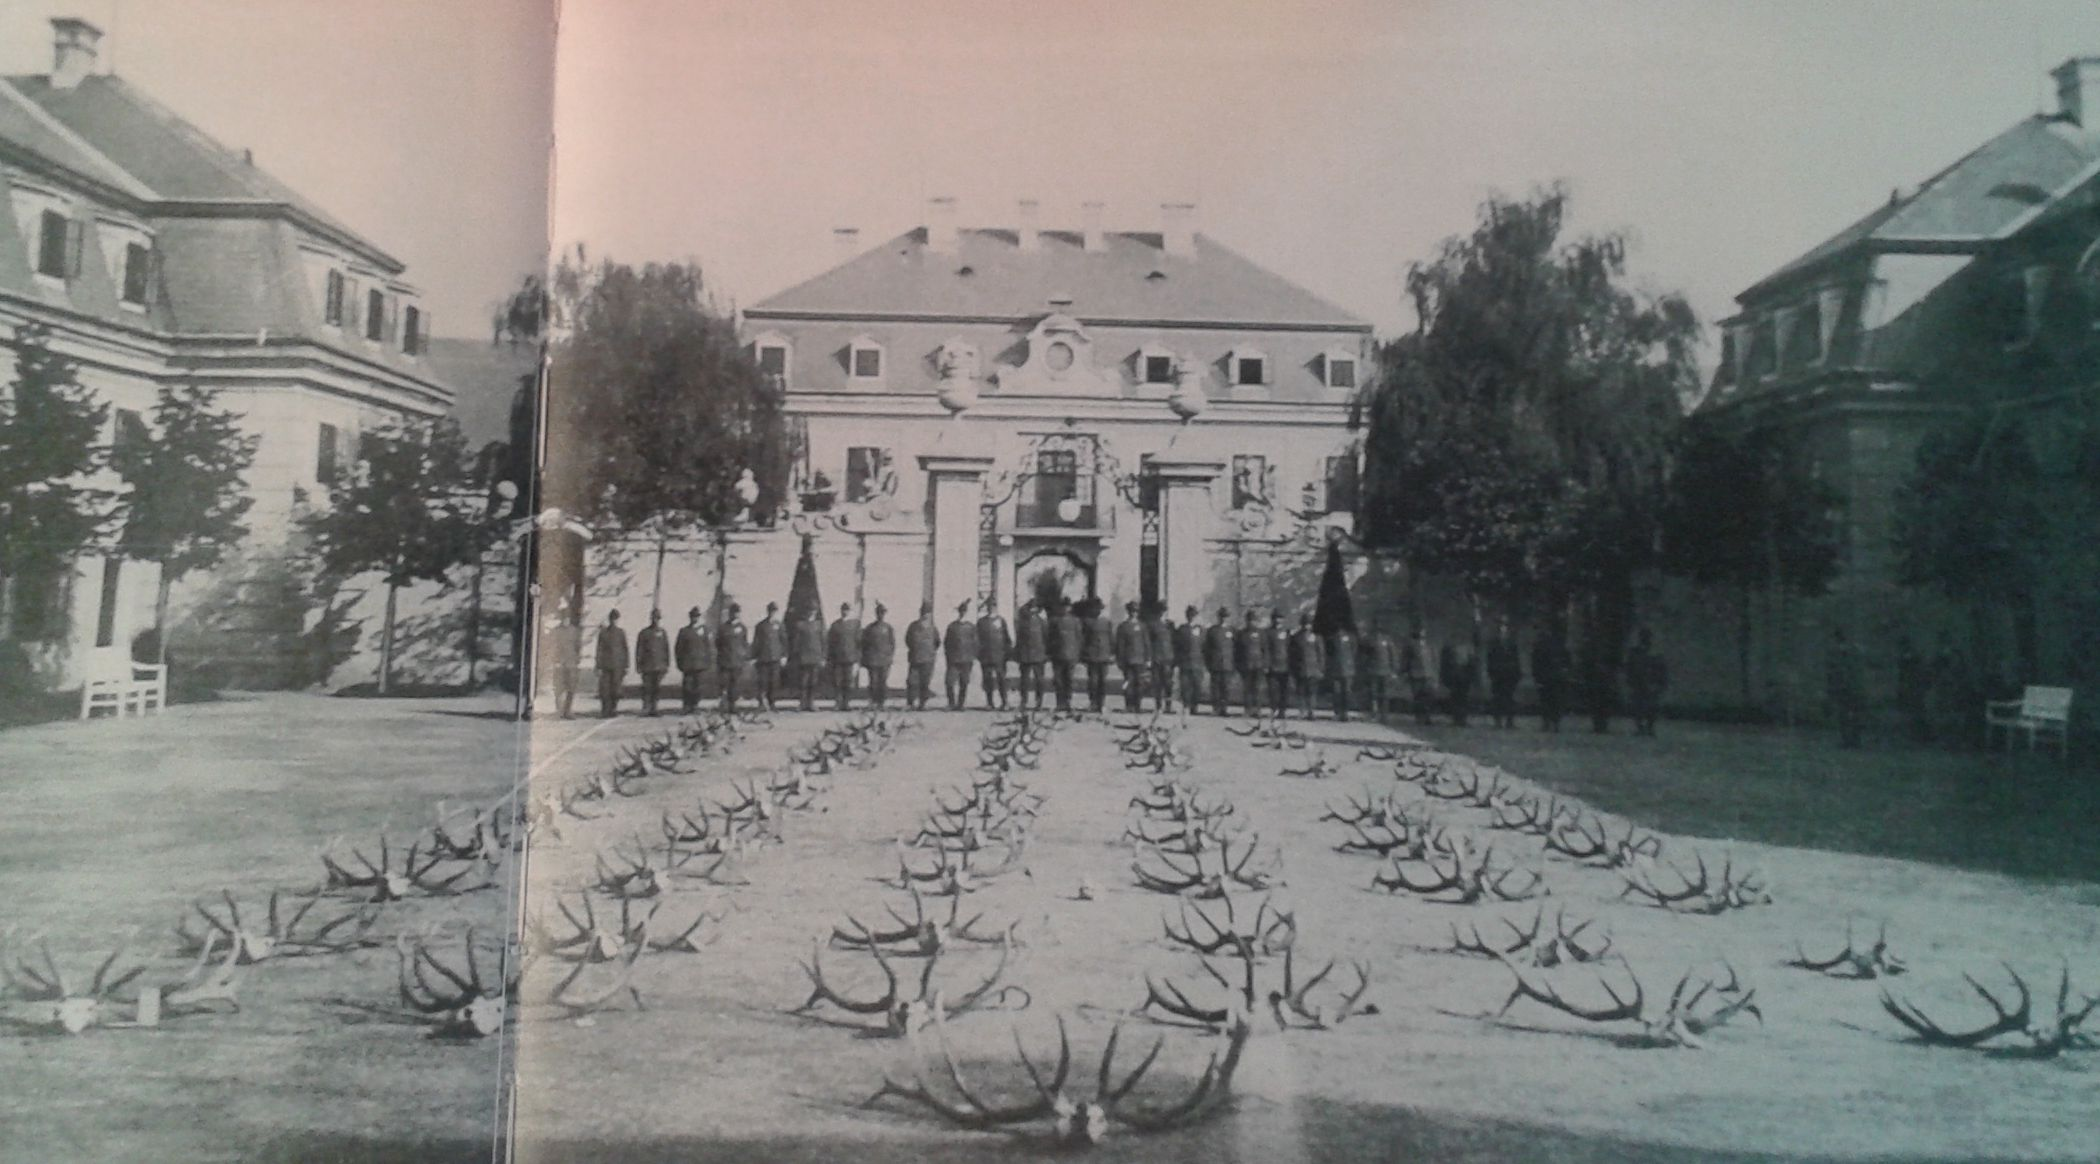 09 - Trófeaszemle Frigyes főherceggel a kastély udvarán (forrás: Bati Etelka - Csorba László: Kastélyok és mágnások)